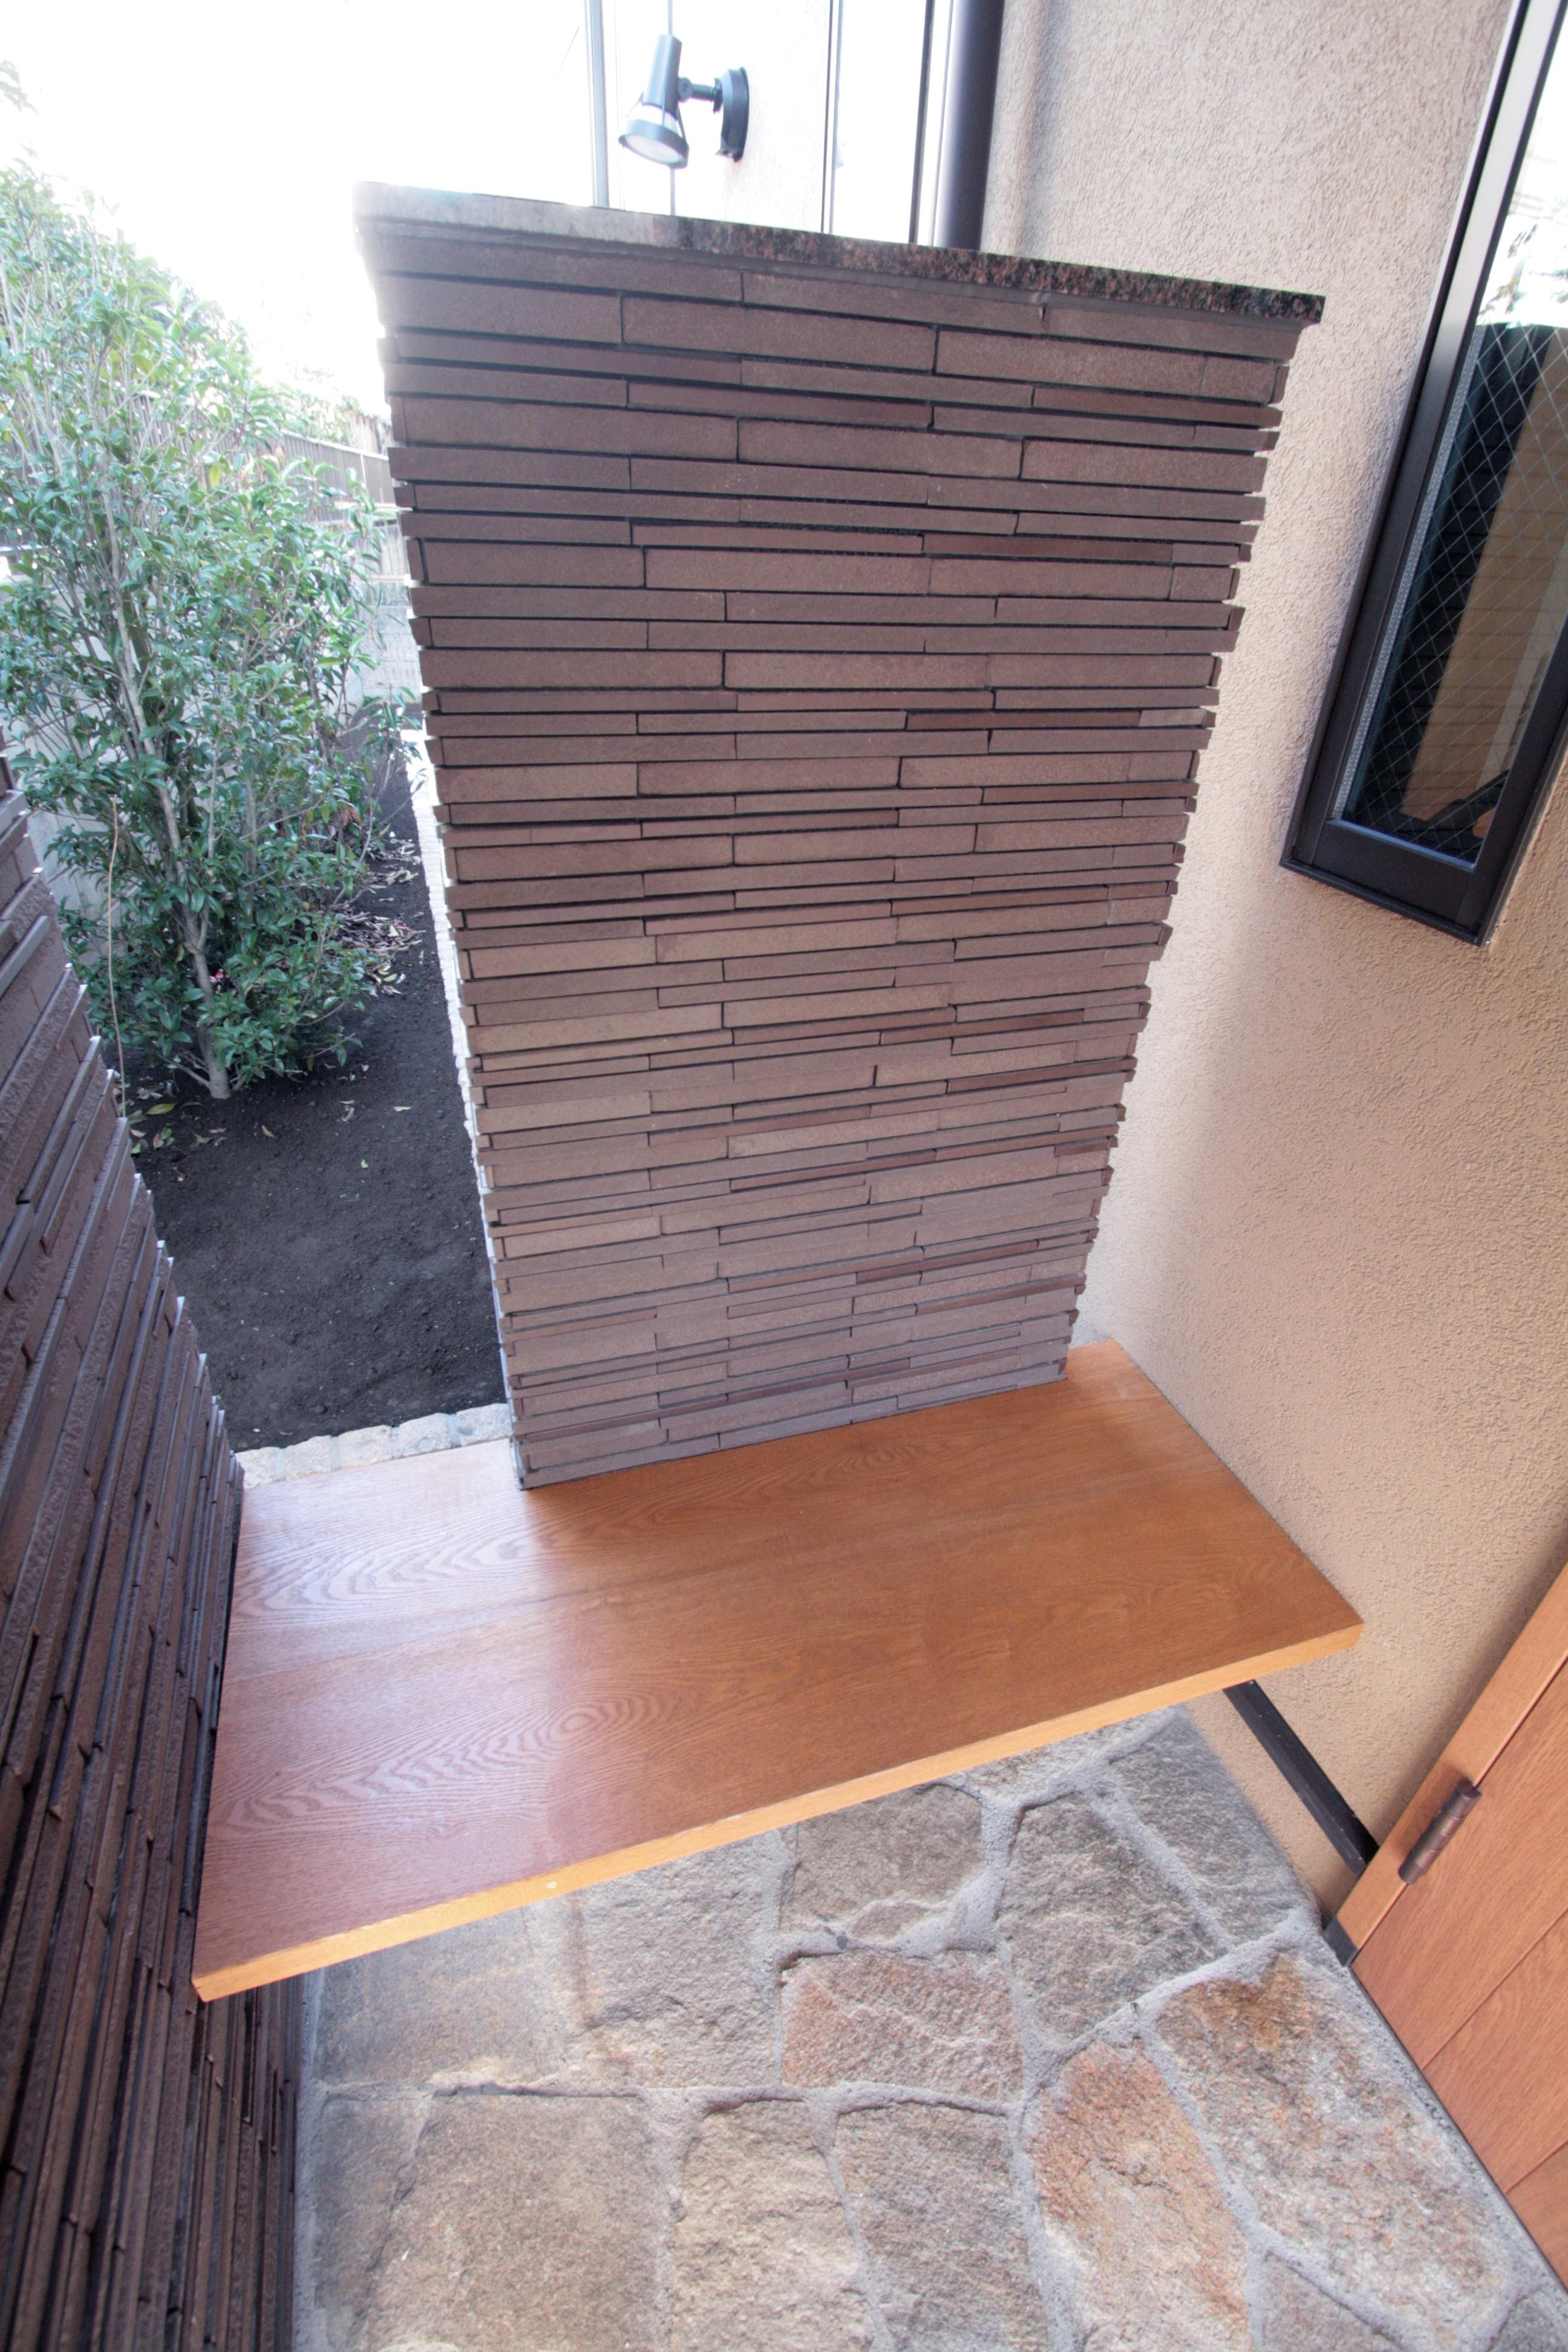 アウトドア事例:玄関のベンチ(大泉学園の家(薪ストーブを設けた吹抜けを中心とした自然素材の家))